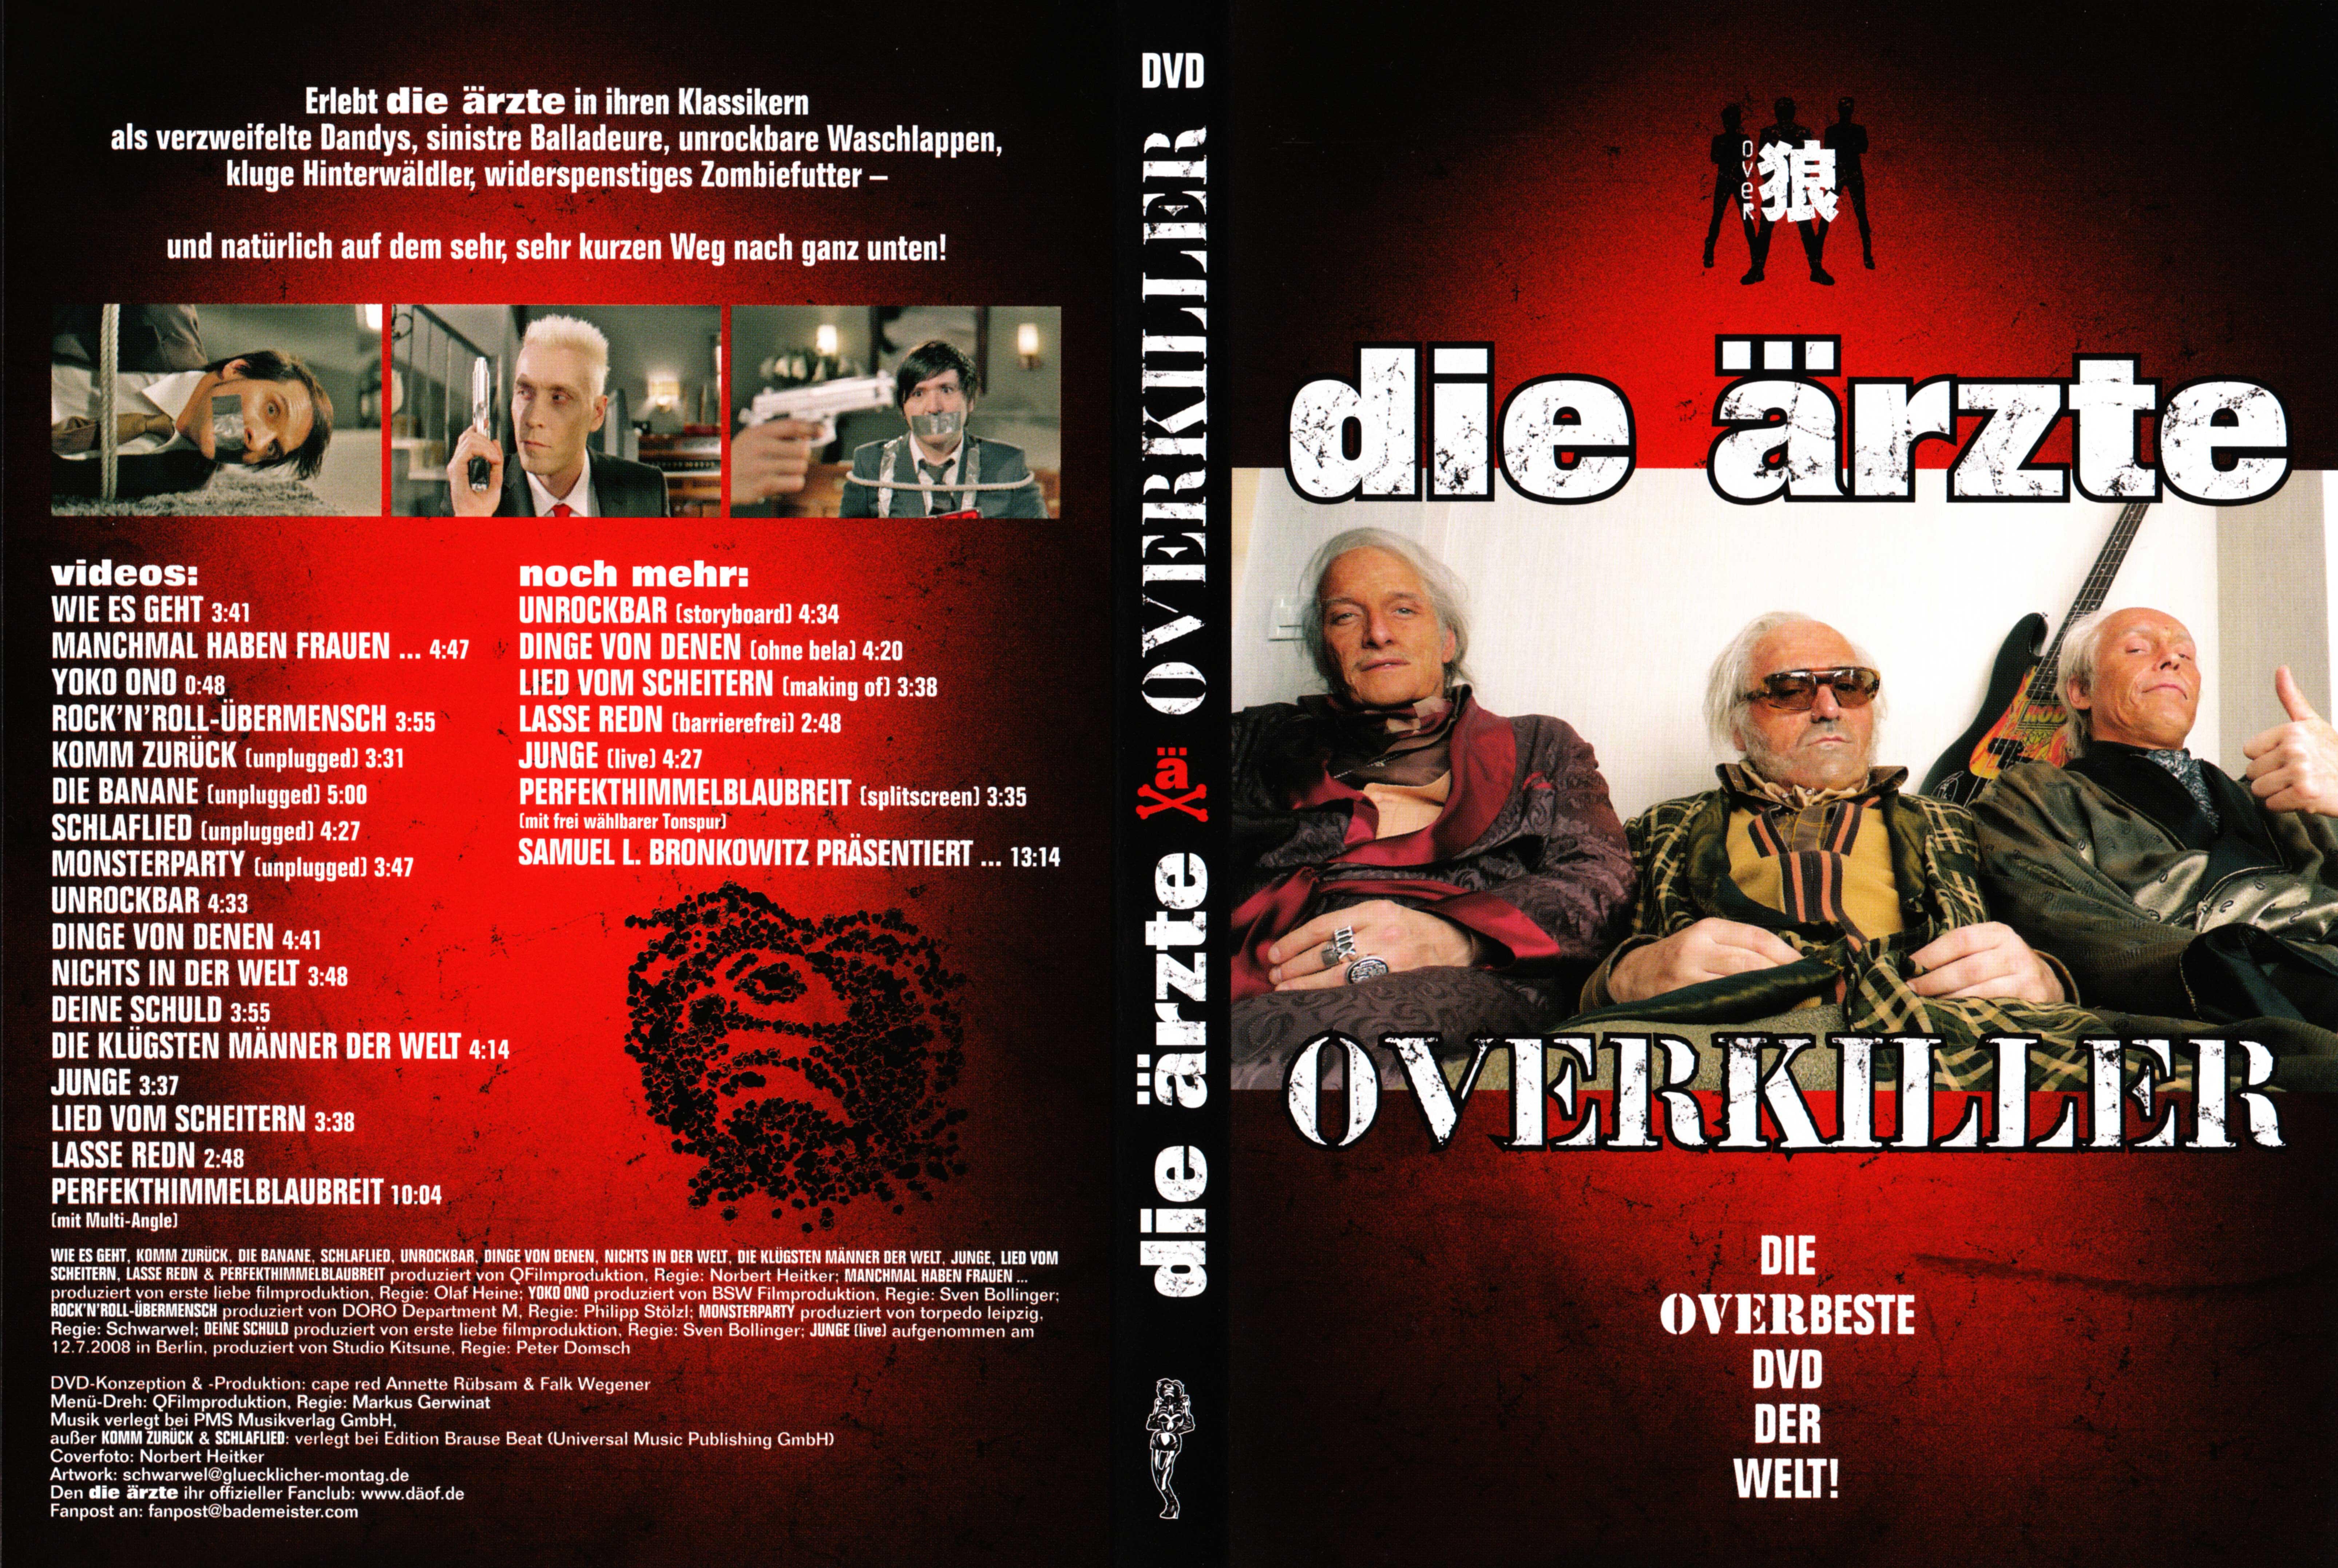 http://www.musikexpress.de/wp-content/uploads/2010/01/02/05/Dieaerzte-Overkiller.jpg